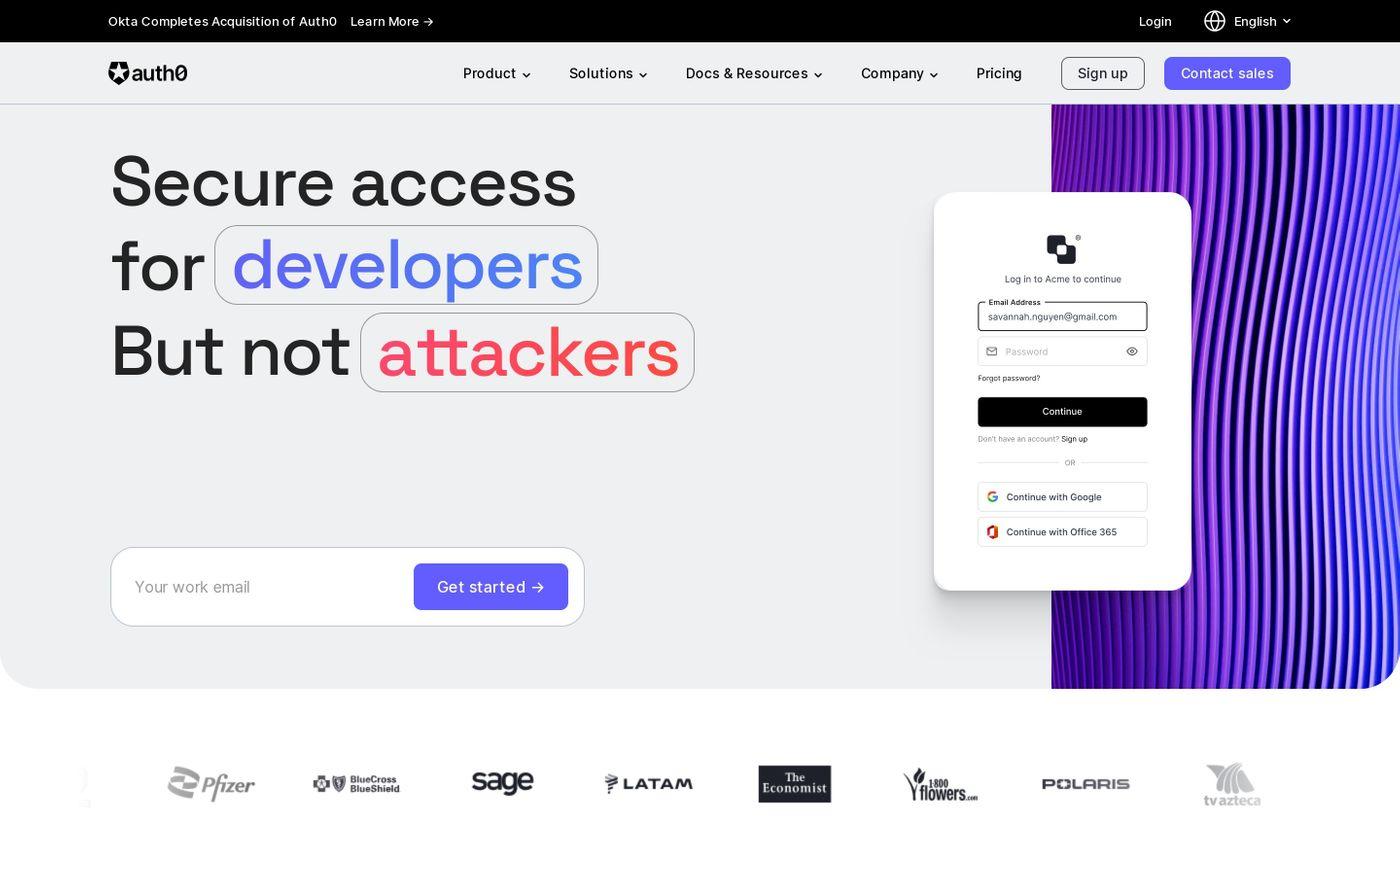 Screenshot of Auth0 website